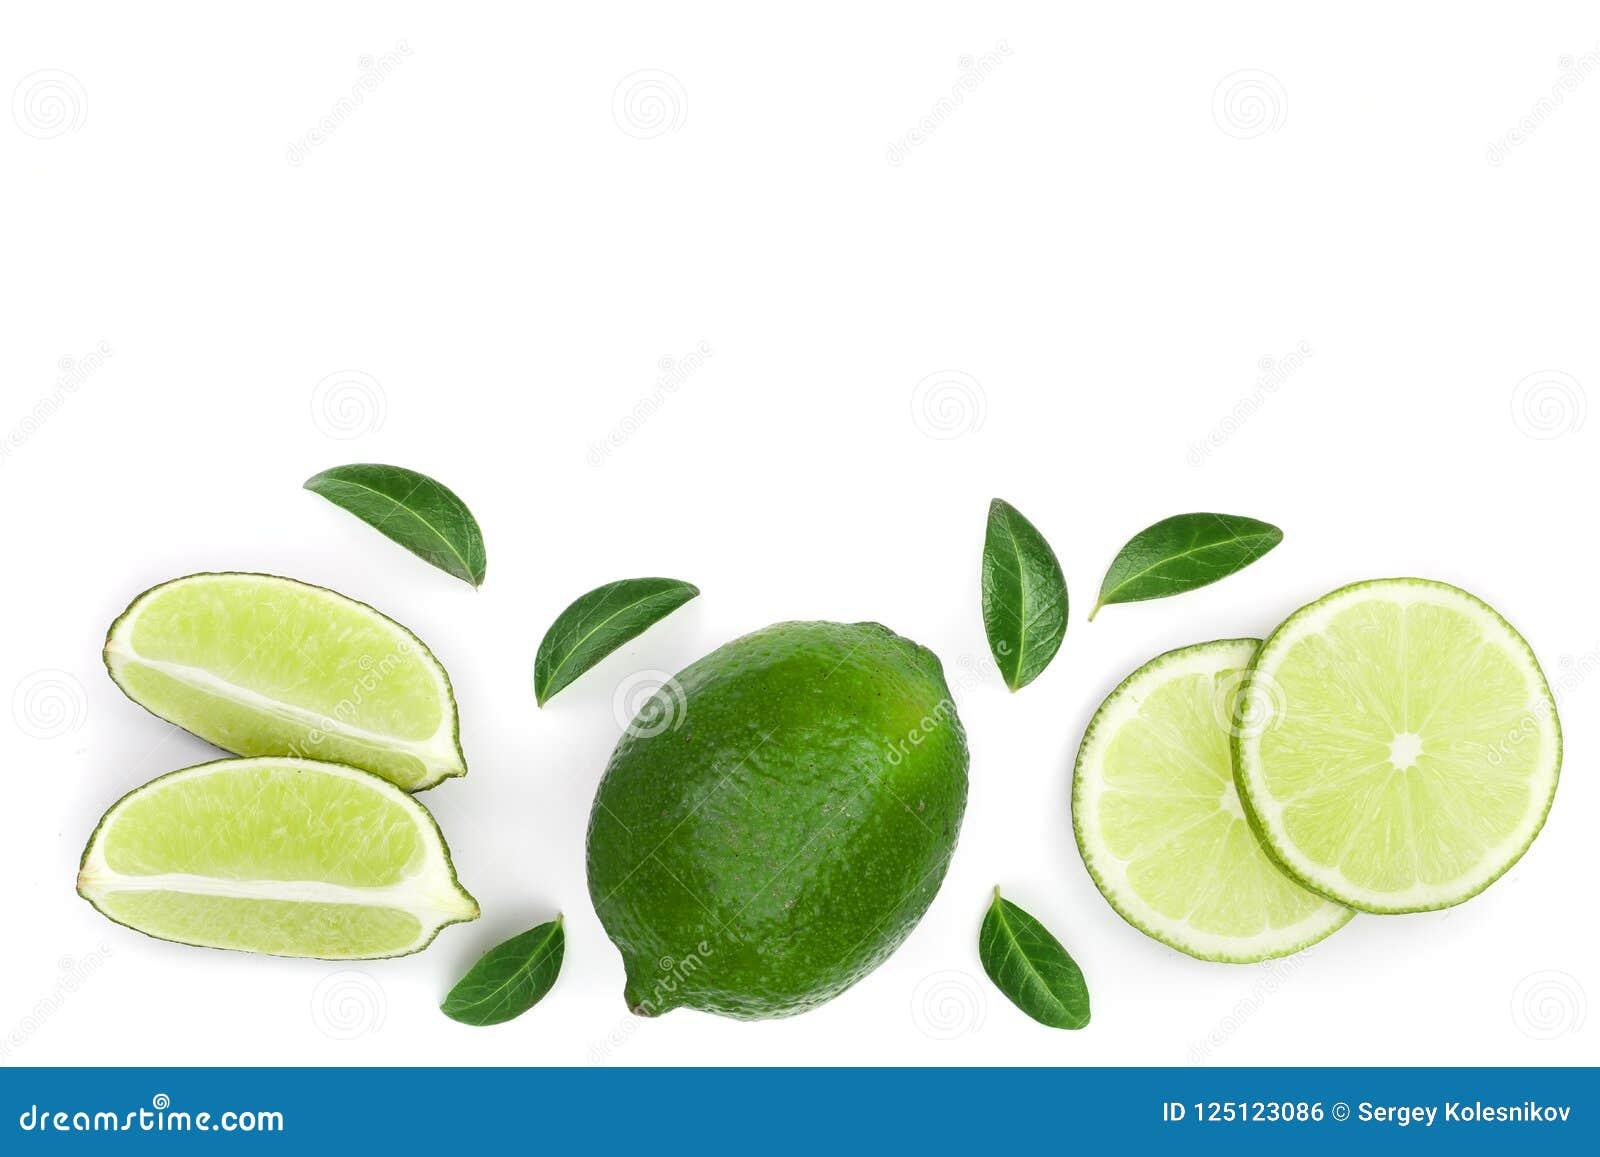 Τεμαχισμένα 6α φύλλα ασβέστη που απομονώνονται στο άσπρο υπόβαθρο με το διάστημα αντιγράφων για το κείμενό σας Τοπ όψη Επίπεδος β